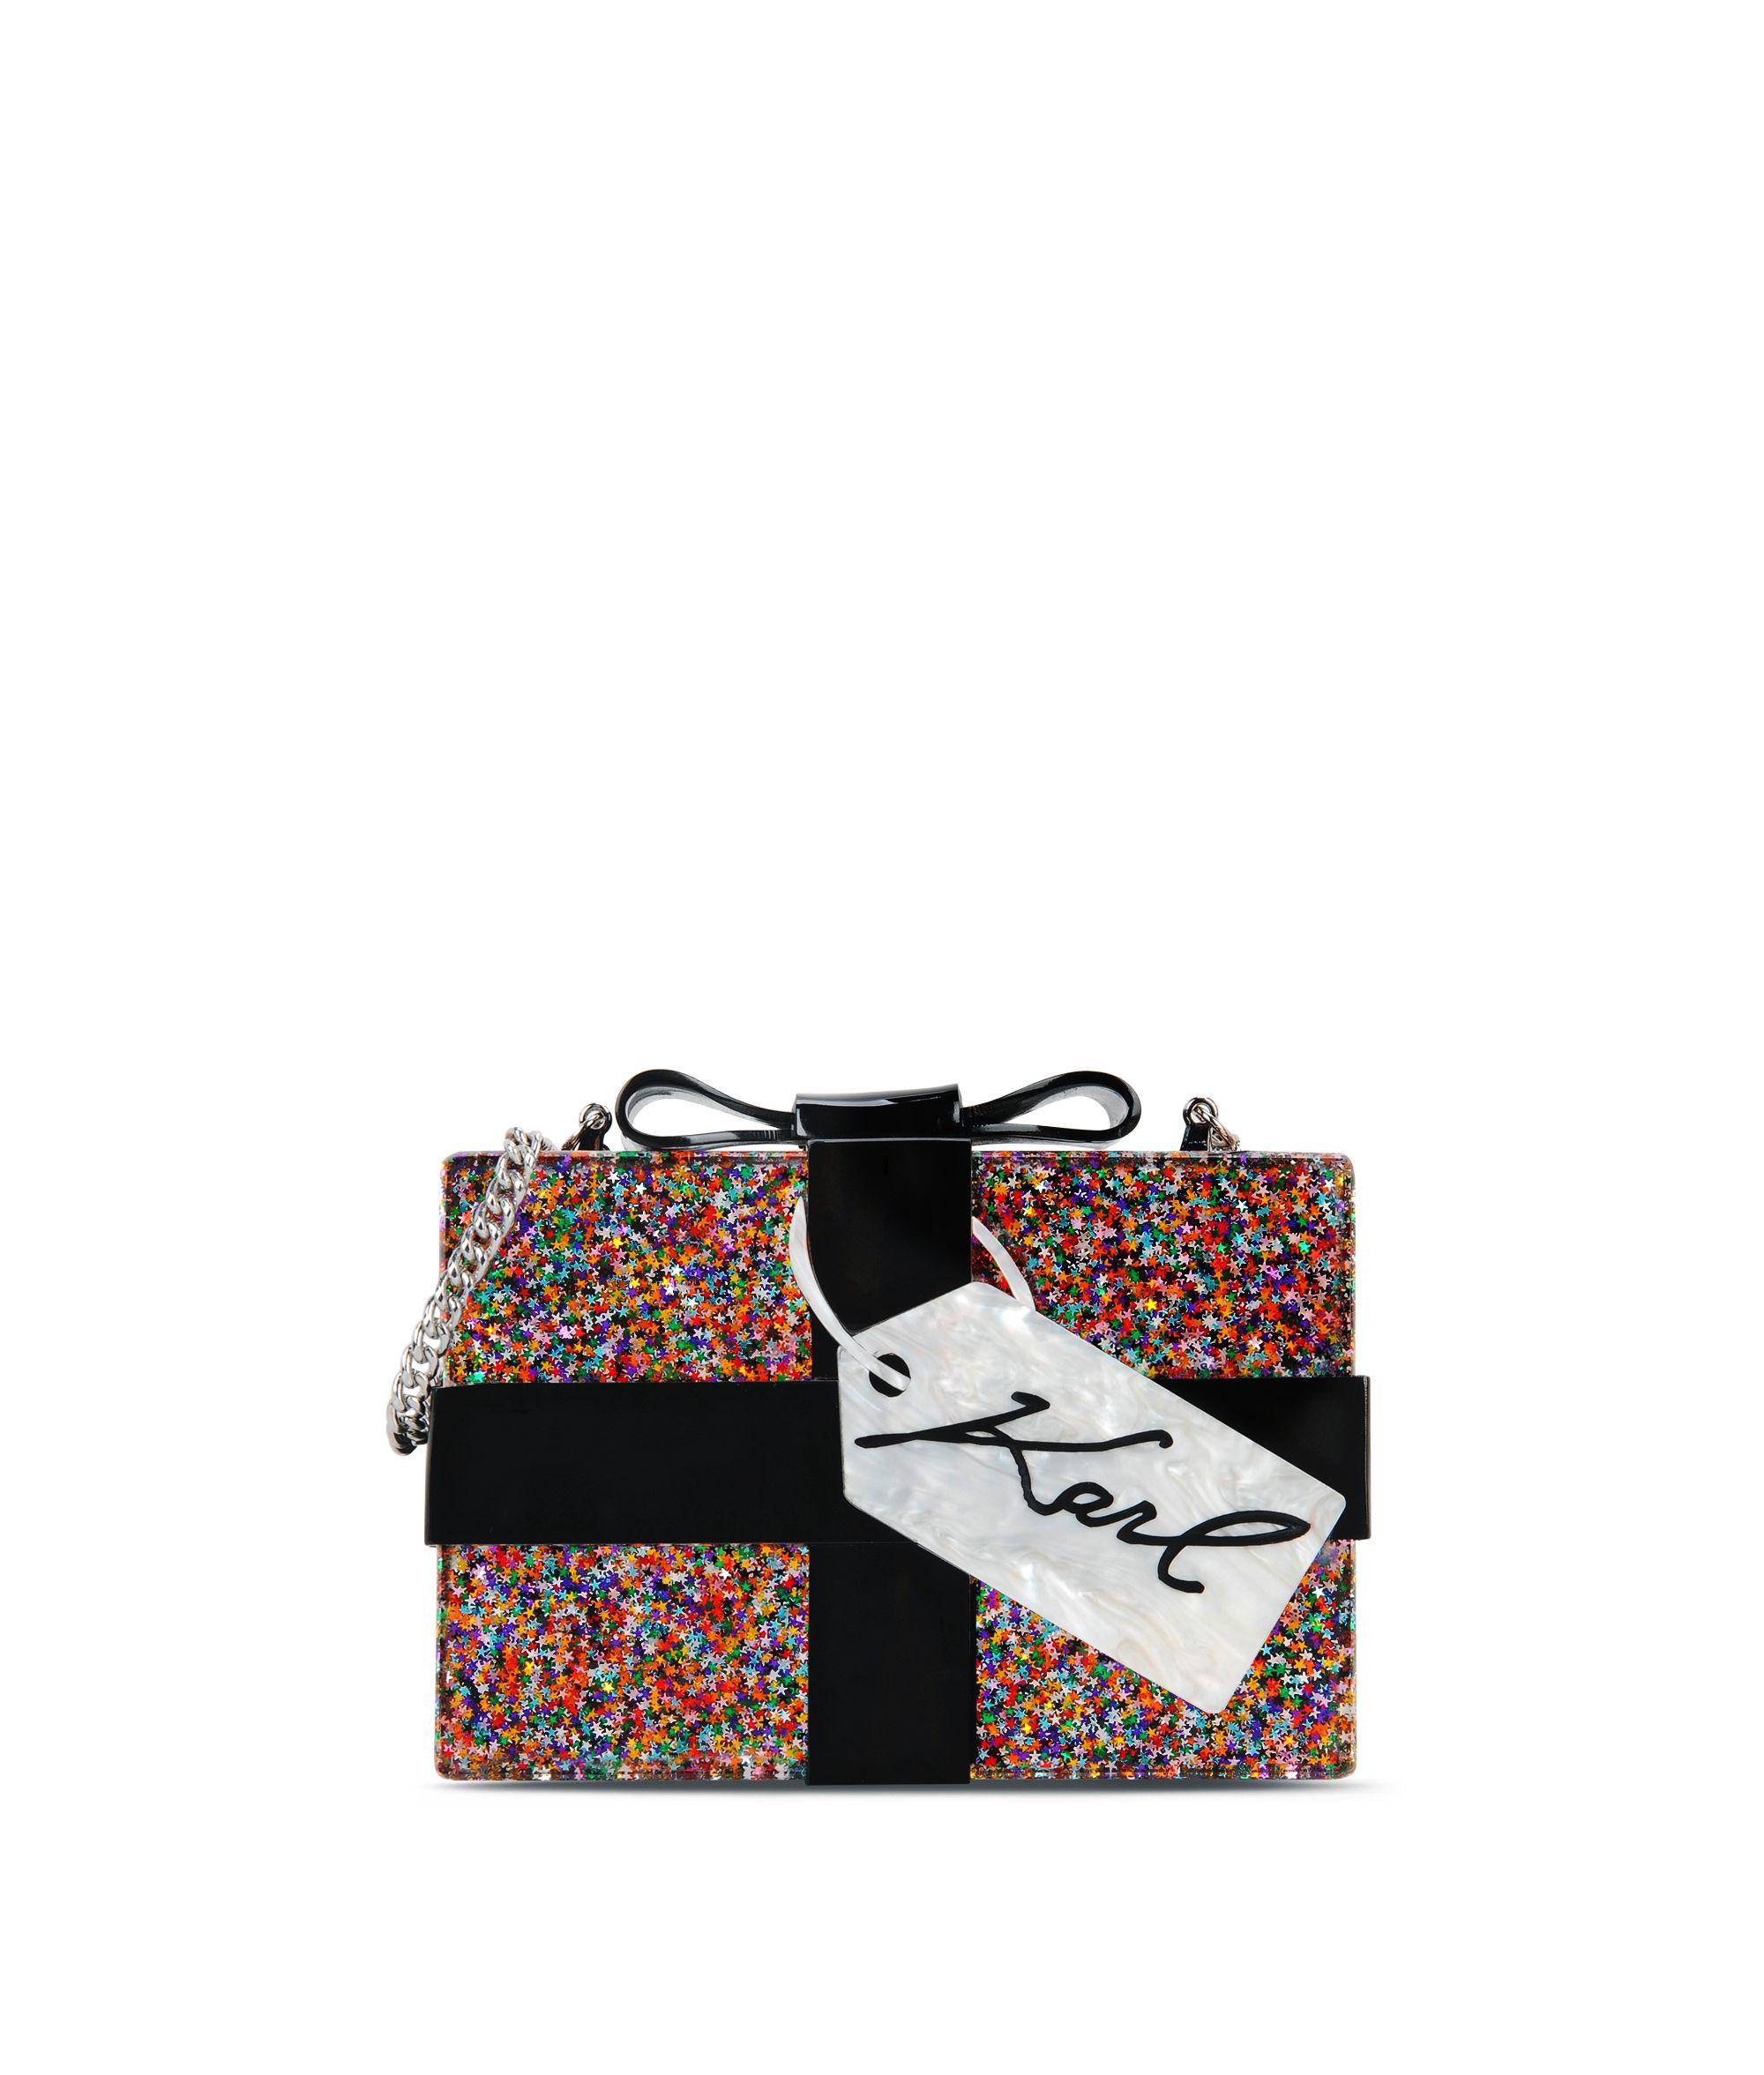 Karl Kadeau Minaudiere 66KW3087 Karl Lagerfeld accessories: Uvod u uzbudljivu XYZ modnu jesen